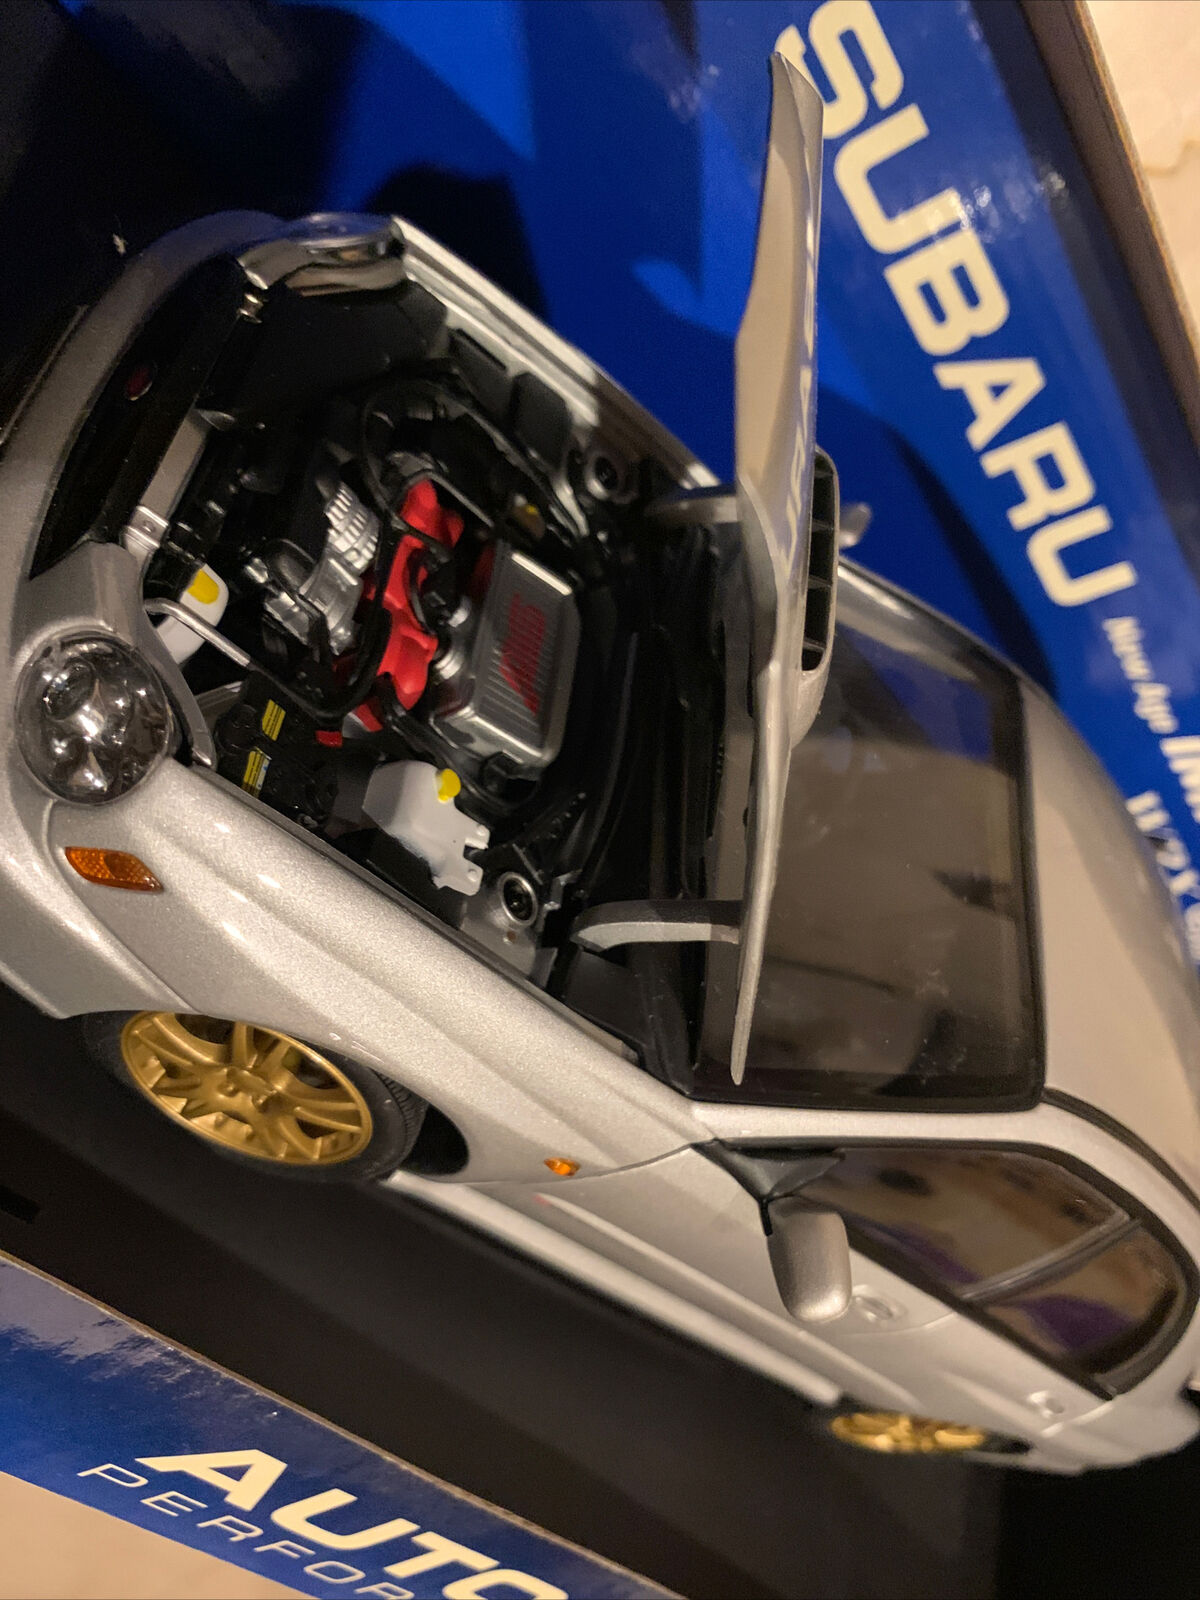 Subaru Impreza Wrx Sti Age Station Wagon Autoart 1 18 2001 Auto Art Diecast For Sale Online Ebay